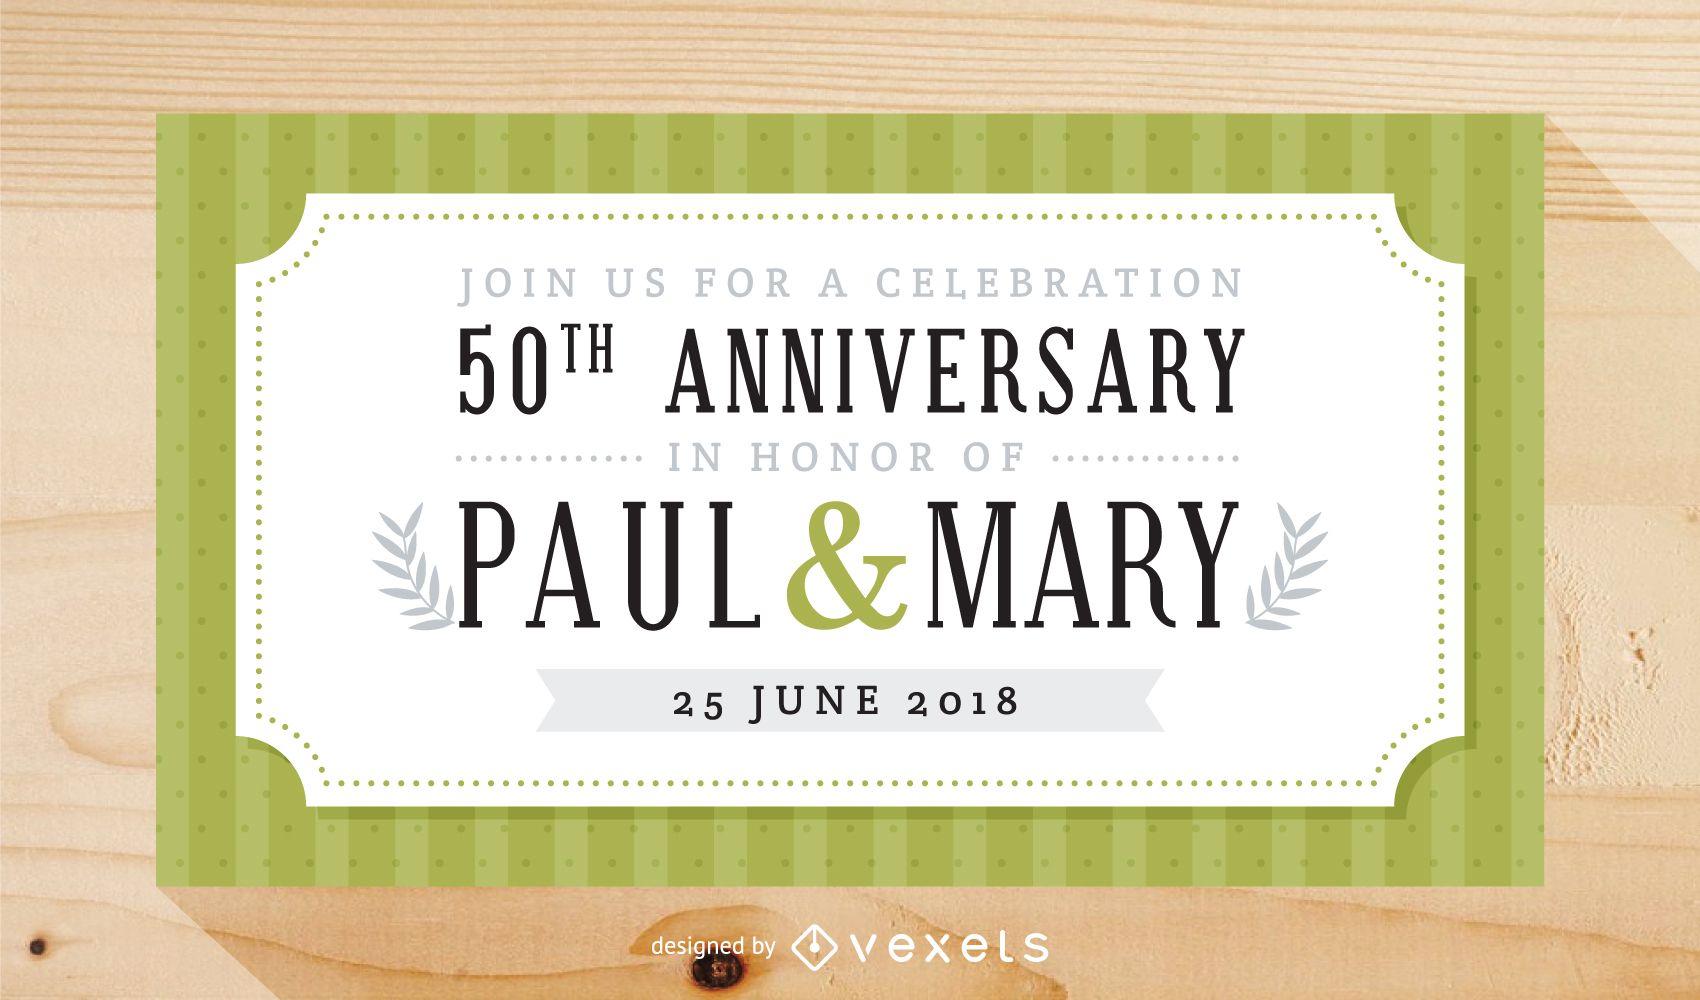 Elegant wedding anniversary celebration invitation